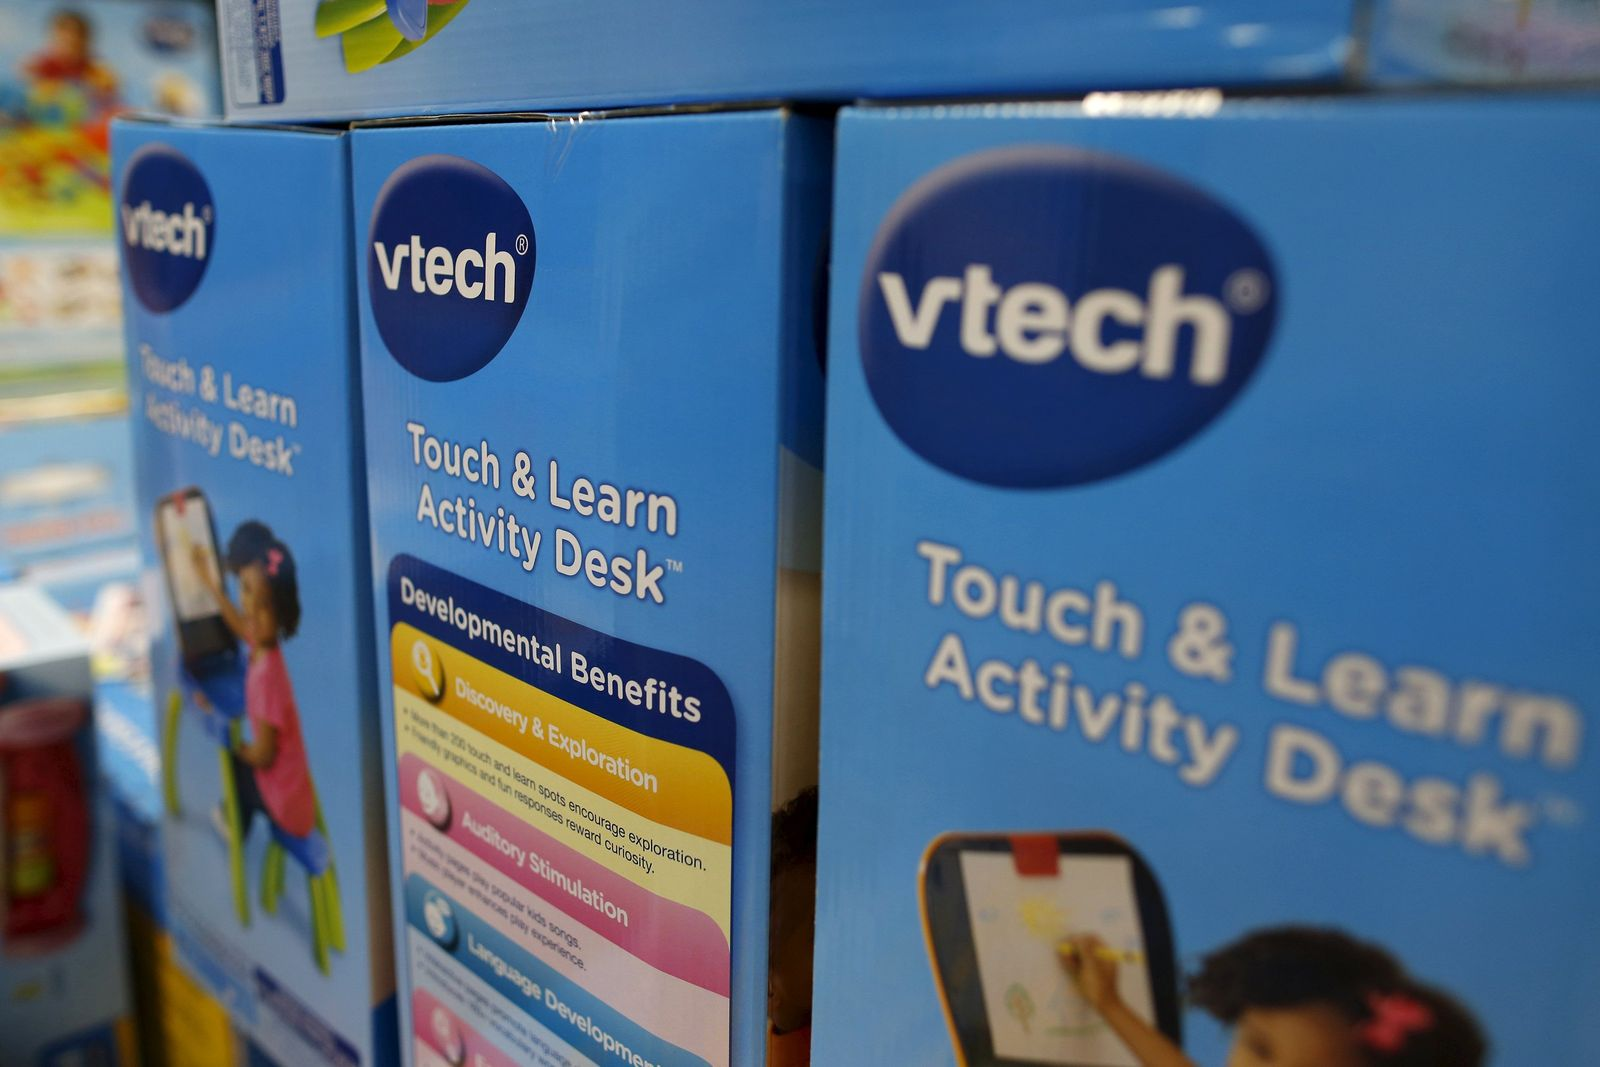 VTECH / Hacker